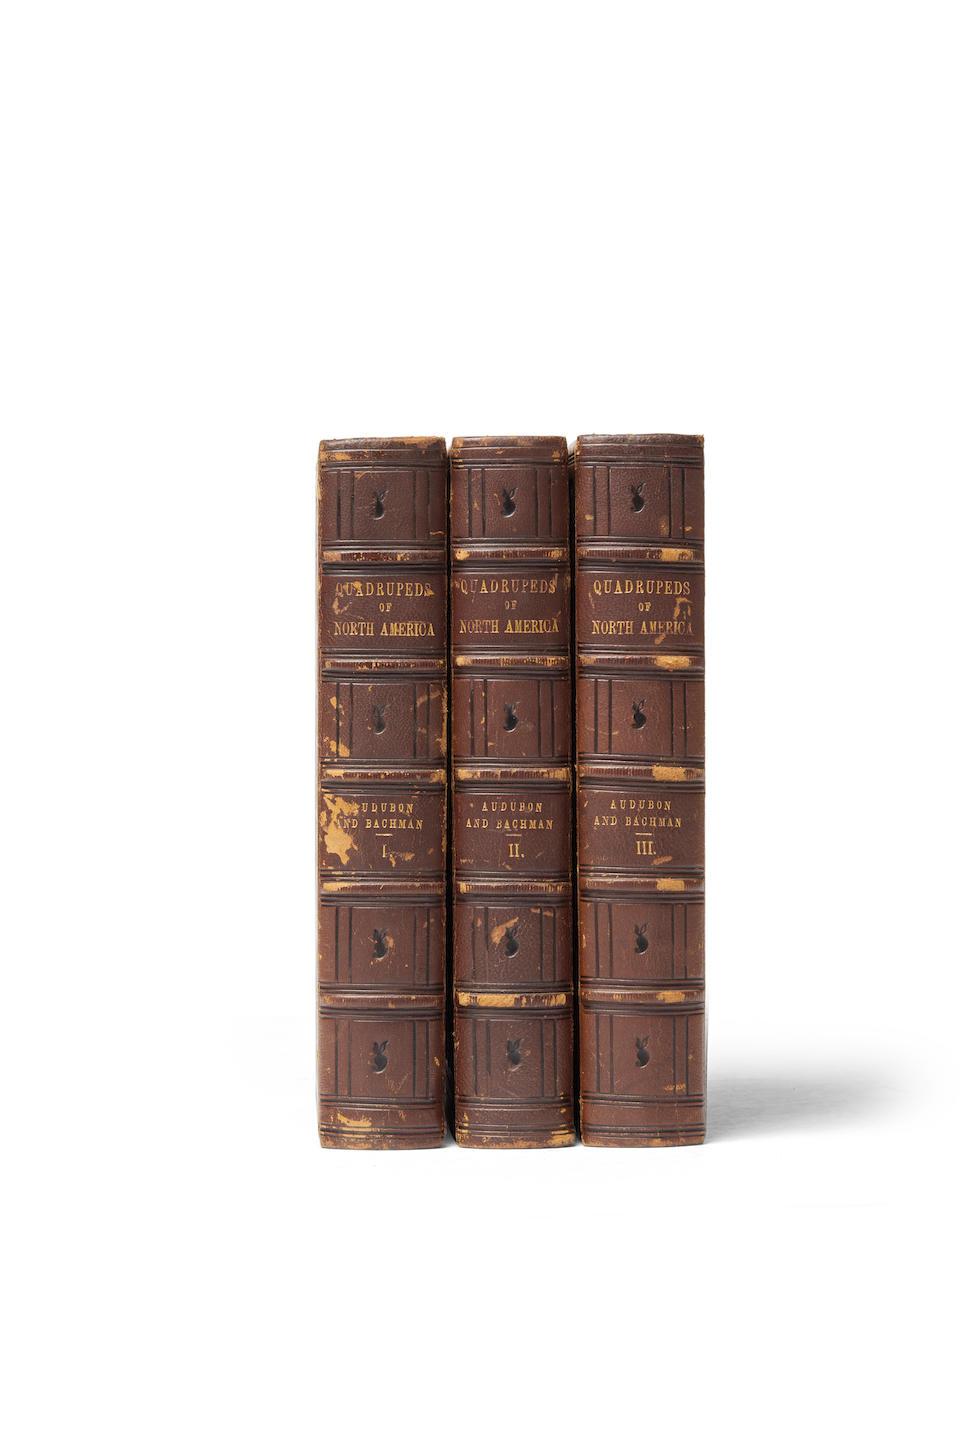 AUDUBON, JOHN JAMES. 1785-1851; AND JOHN BACHMAN. 1790-1874.  The Quadrupeds of North America. New York: V.G. Audubon, 1854.